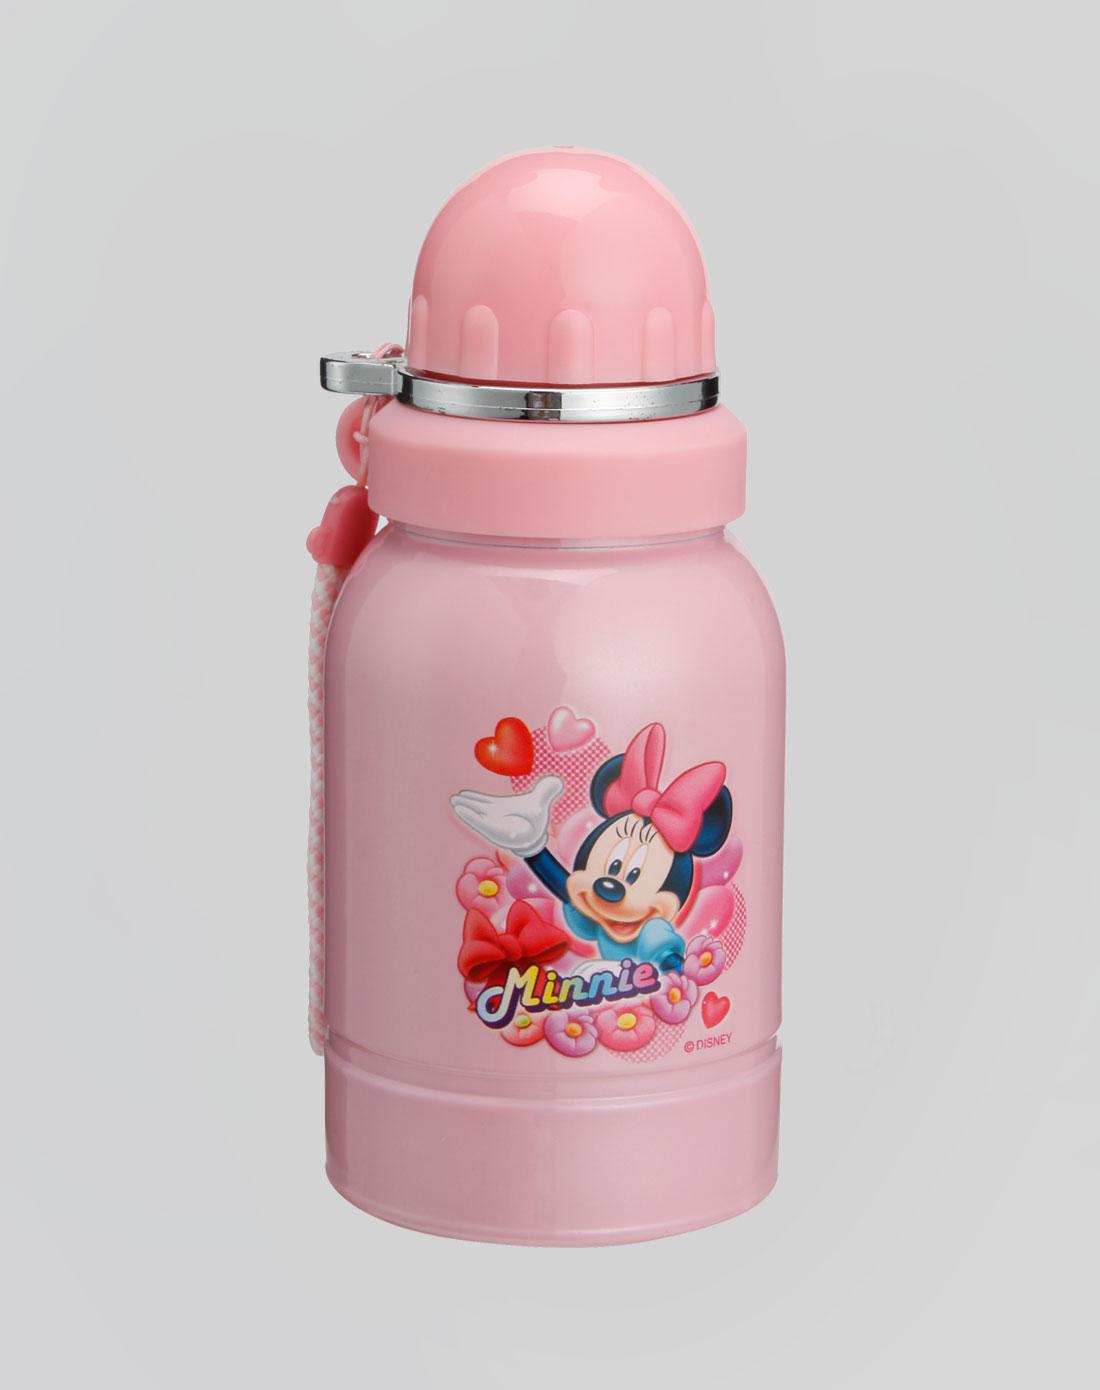 迪士尼disney 粉红色不锈钢小水壶